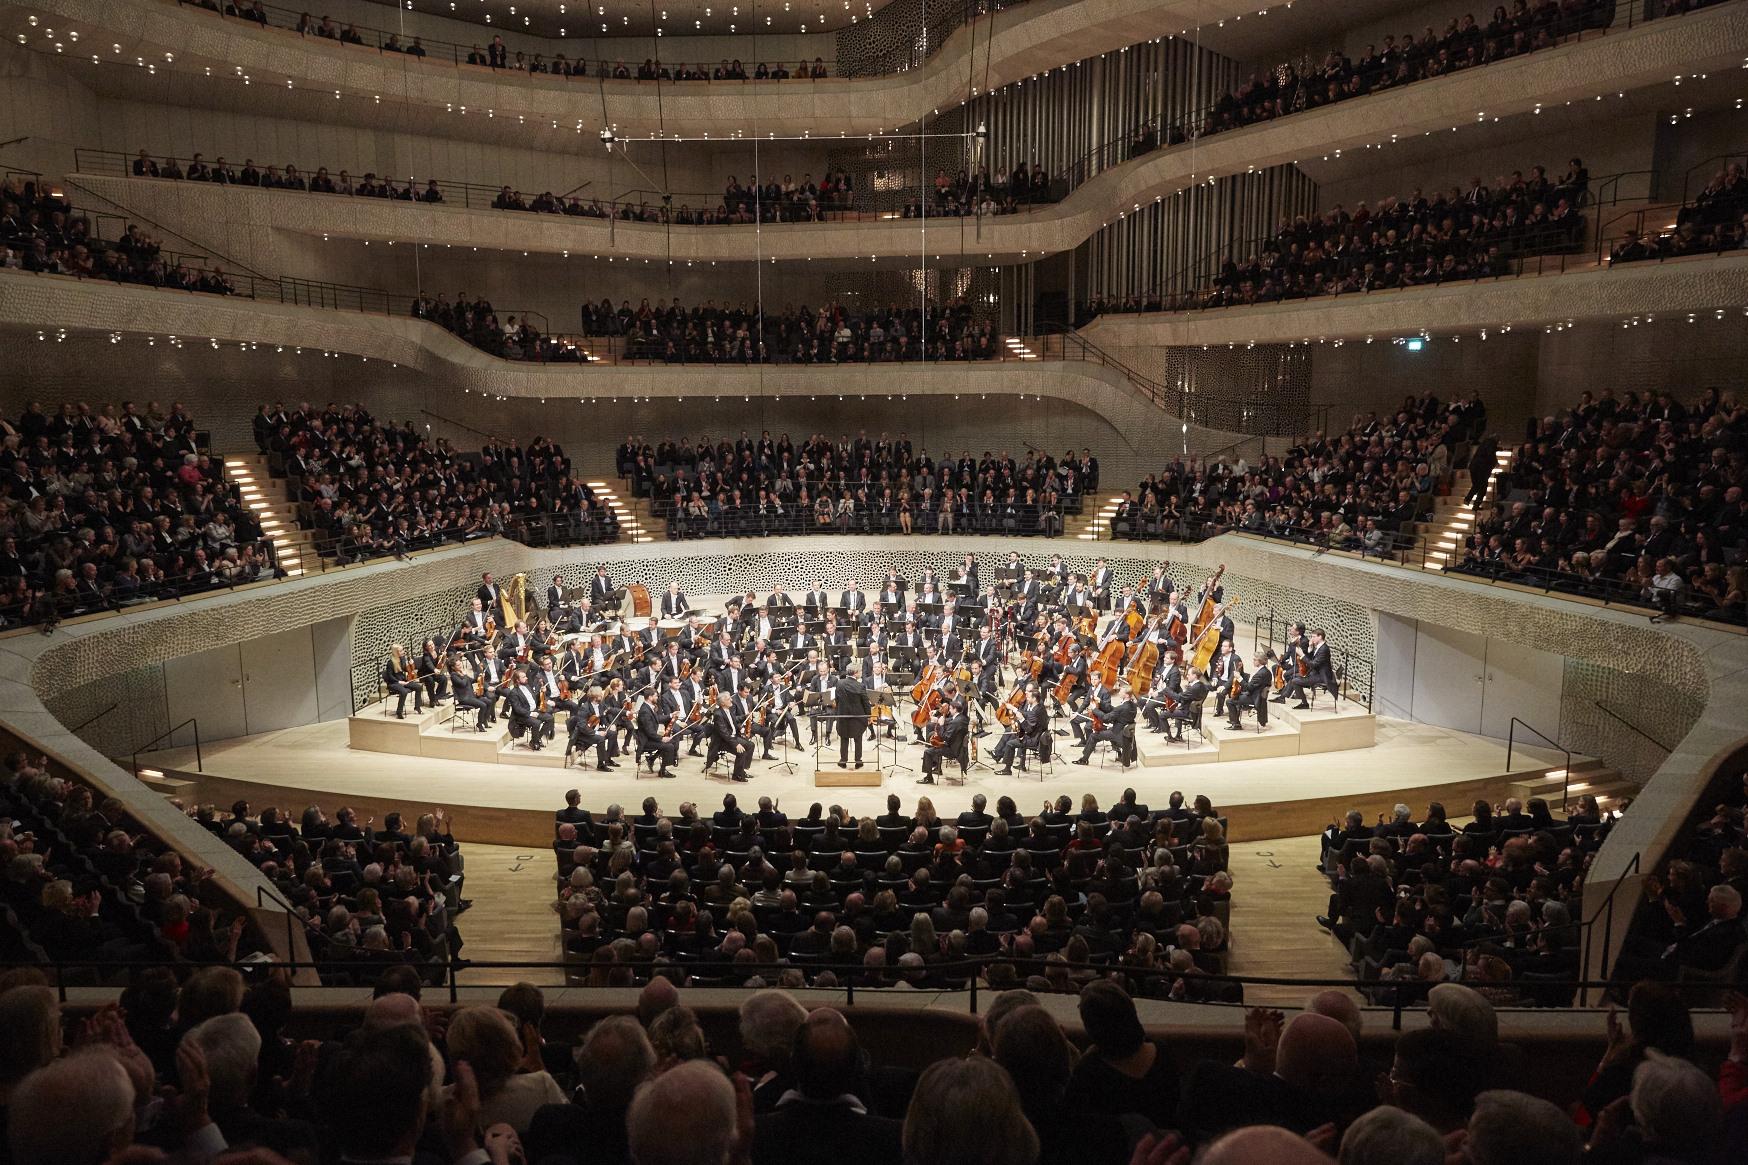 Im grossen Konzertsaal finden 2100 Besucher Platz. Jeder Zuhörer ist hier nur 30 m vom Dirigenten entfernt. (Bild: Claudia Hoehne)